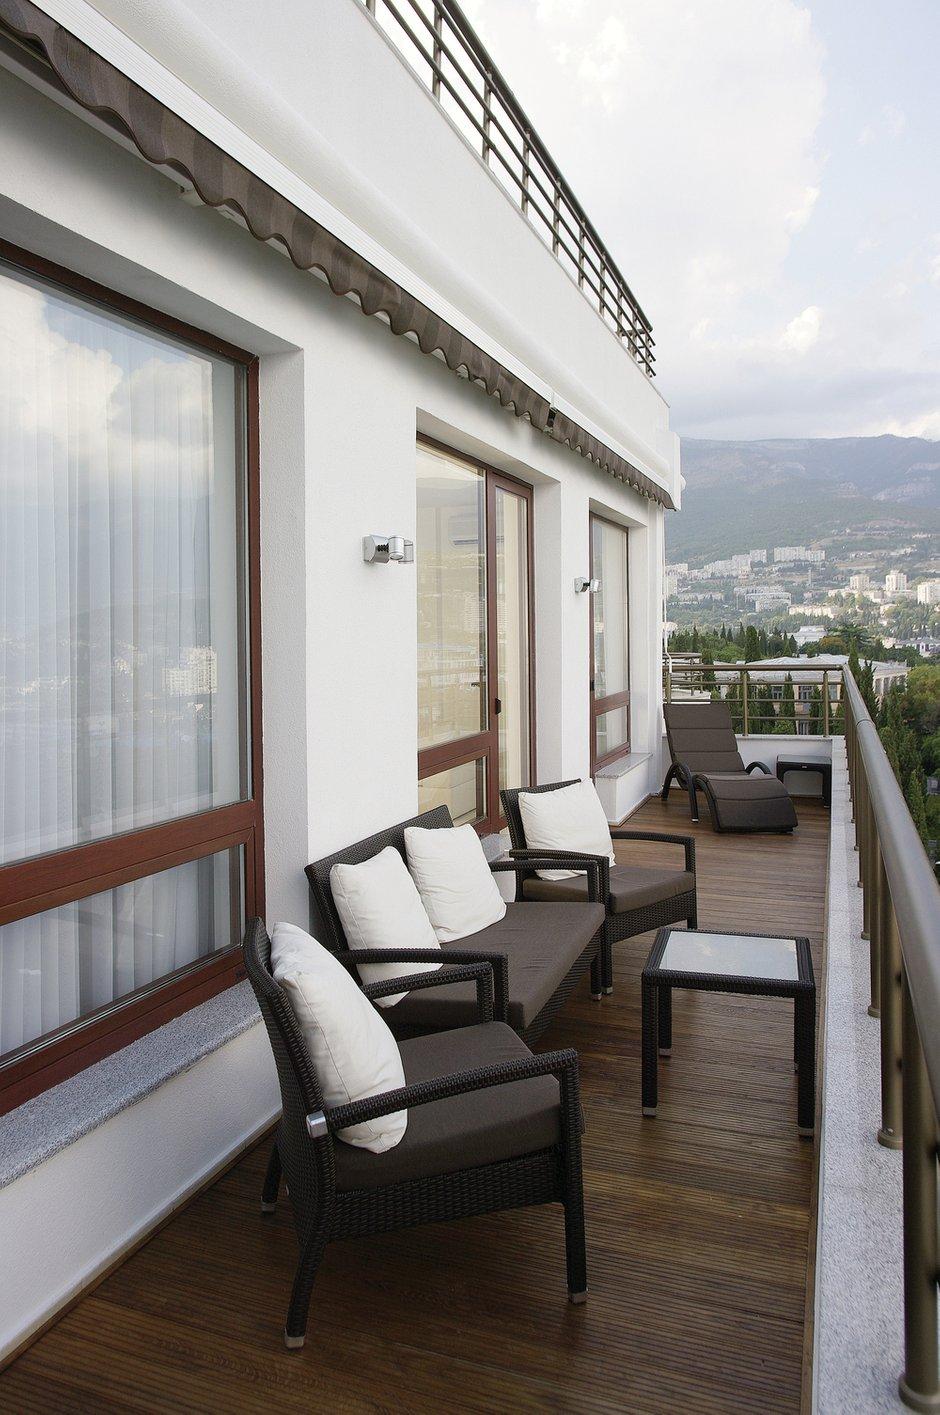 Фотография: Балкон, Терраса в стиле Современный, Квартира, Цвет в интерьере, Дома и квартиры, Белый, Минимализм – фото на INMYROOM